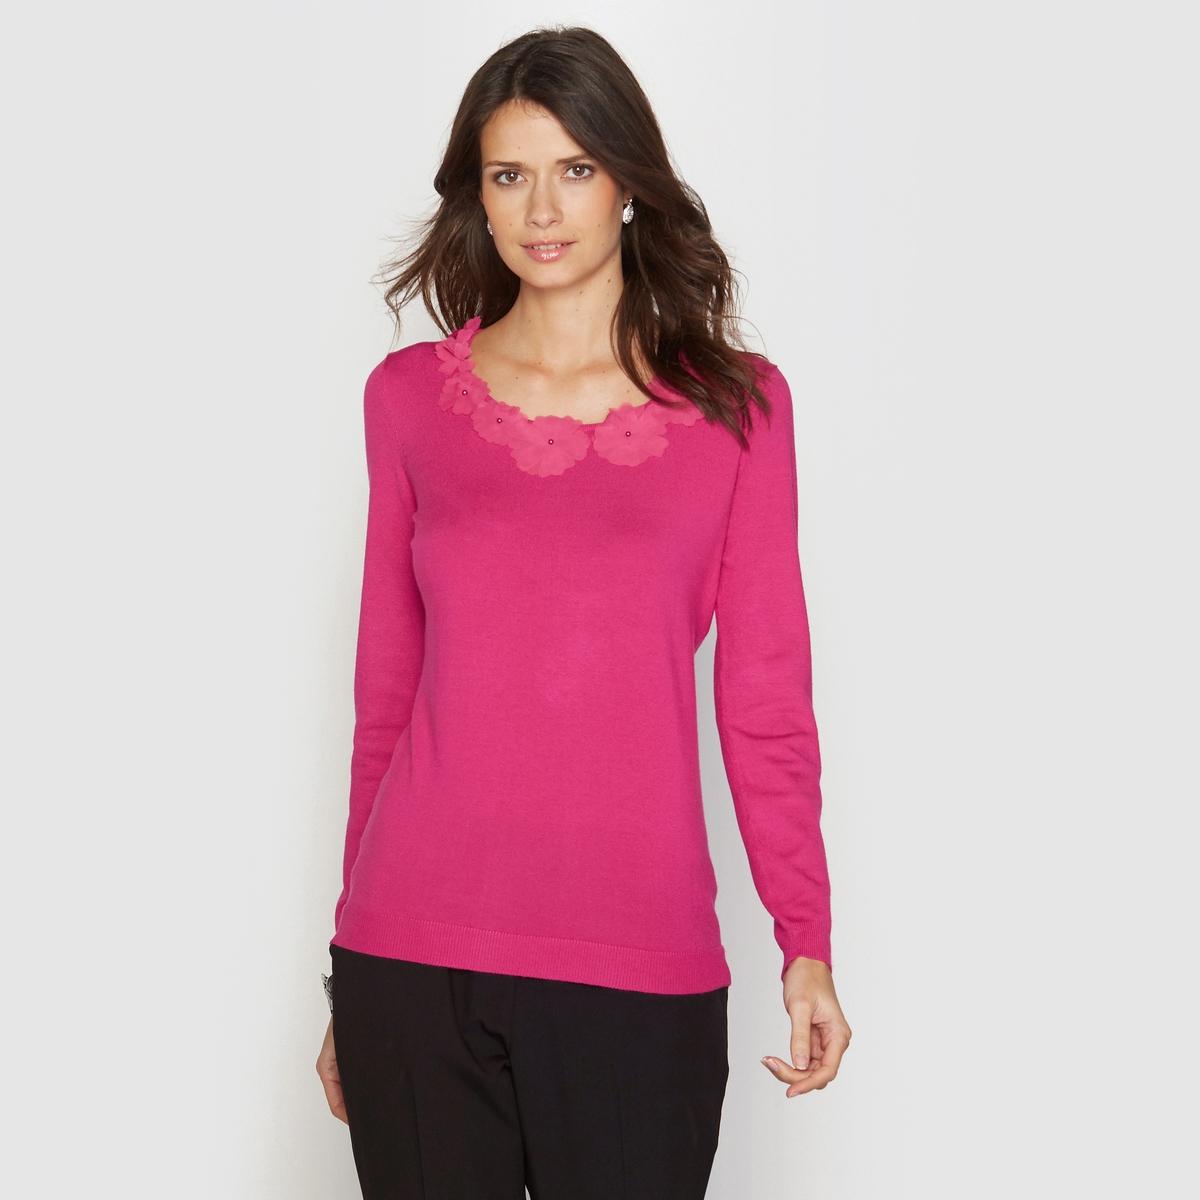 Пуловер с оригинальным вырезомПуловер . Изысканный и нежный с цветочной аппликацией из полиэстера на круглом вырезе  . Манжеты и низ связаны в рубчик . Длина . 62 см .Джерси 80% вискозы, 20% полиамида .<br><br>Цвет: фуксия